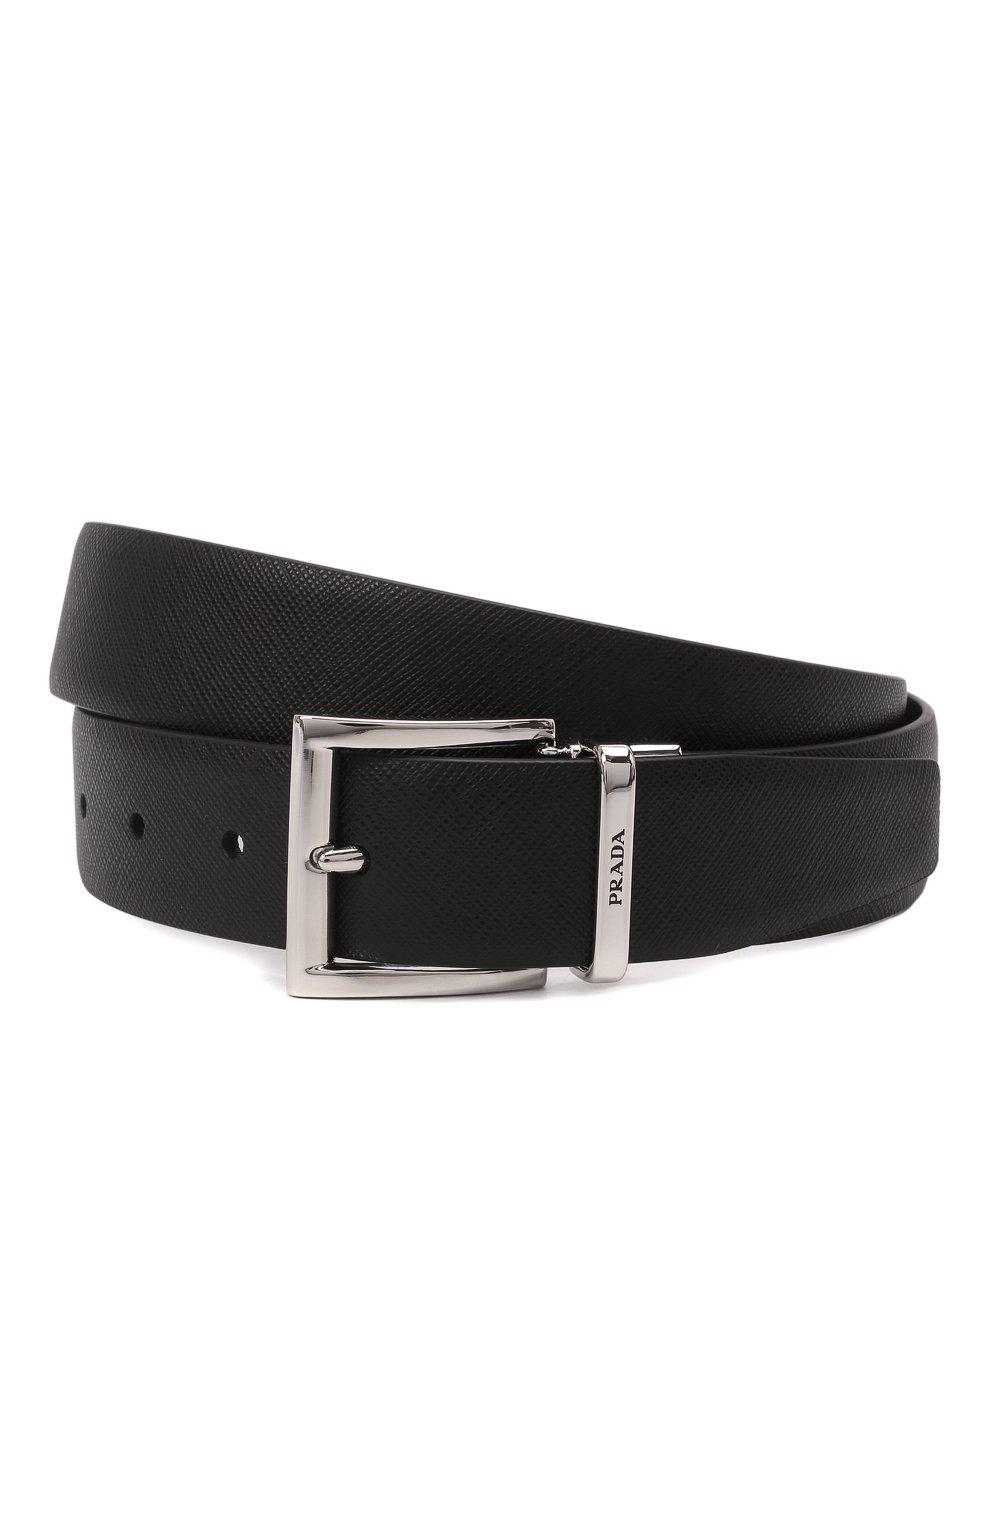 Мужской кожаный ремень PRADA черного цвета, арт. 2CC004-053-F0RD7   Фото 1 (Случай: Формальный)